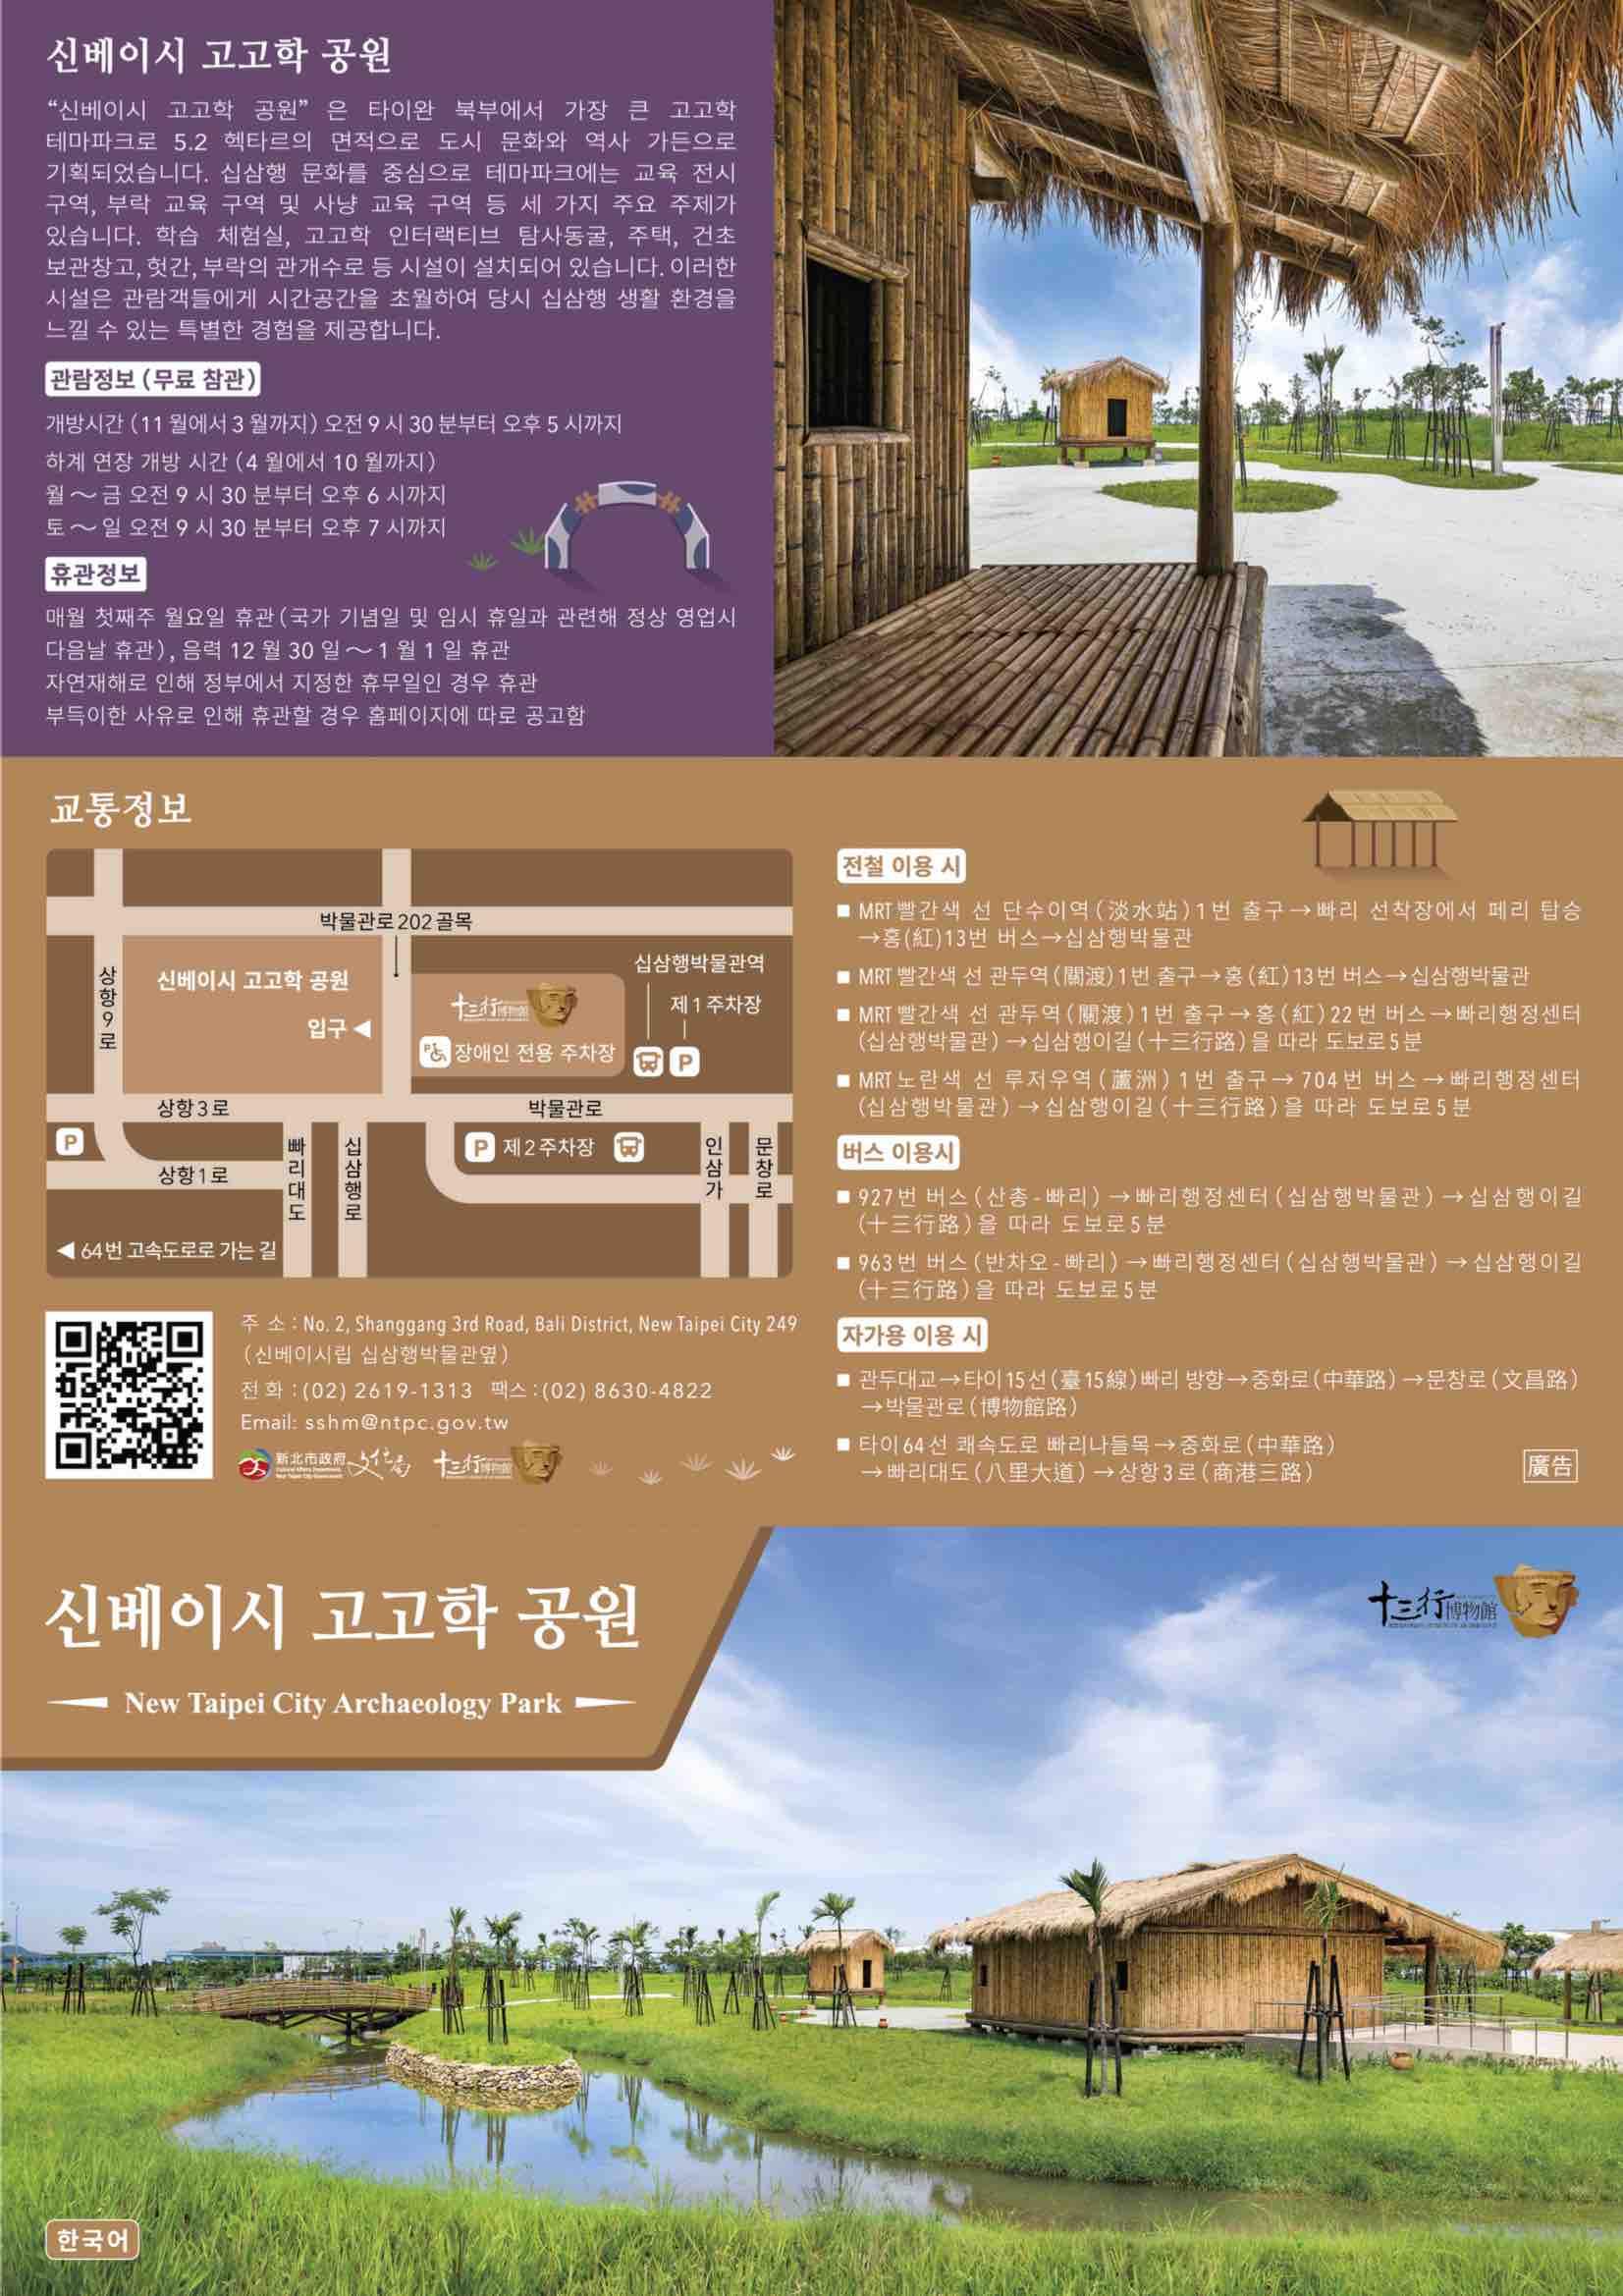 新北考古公園摺頁-韓文1